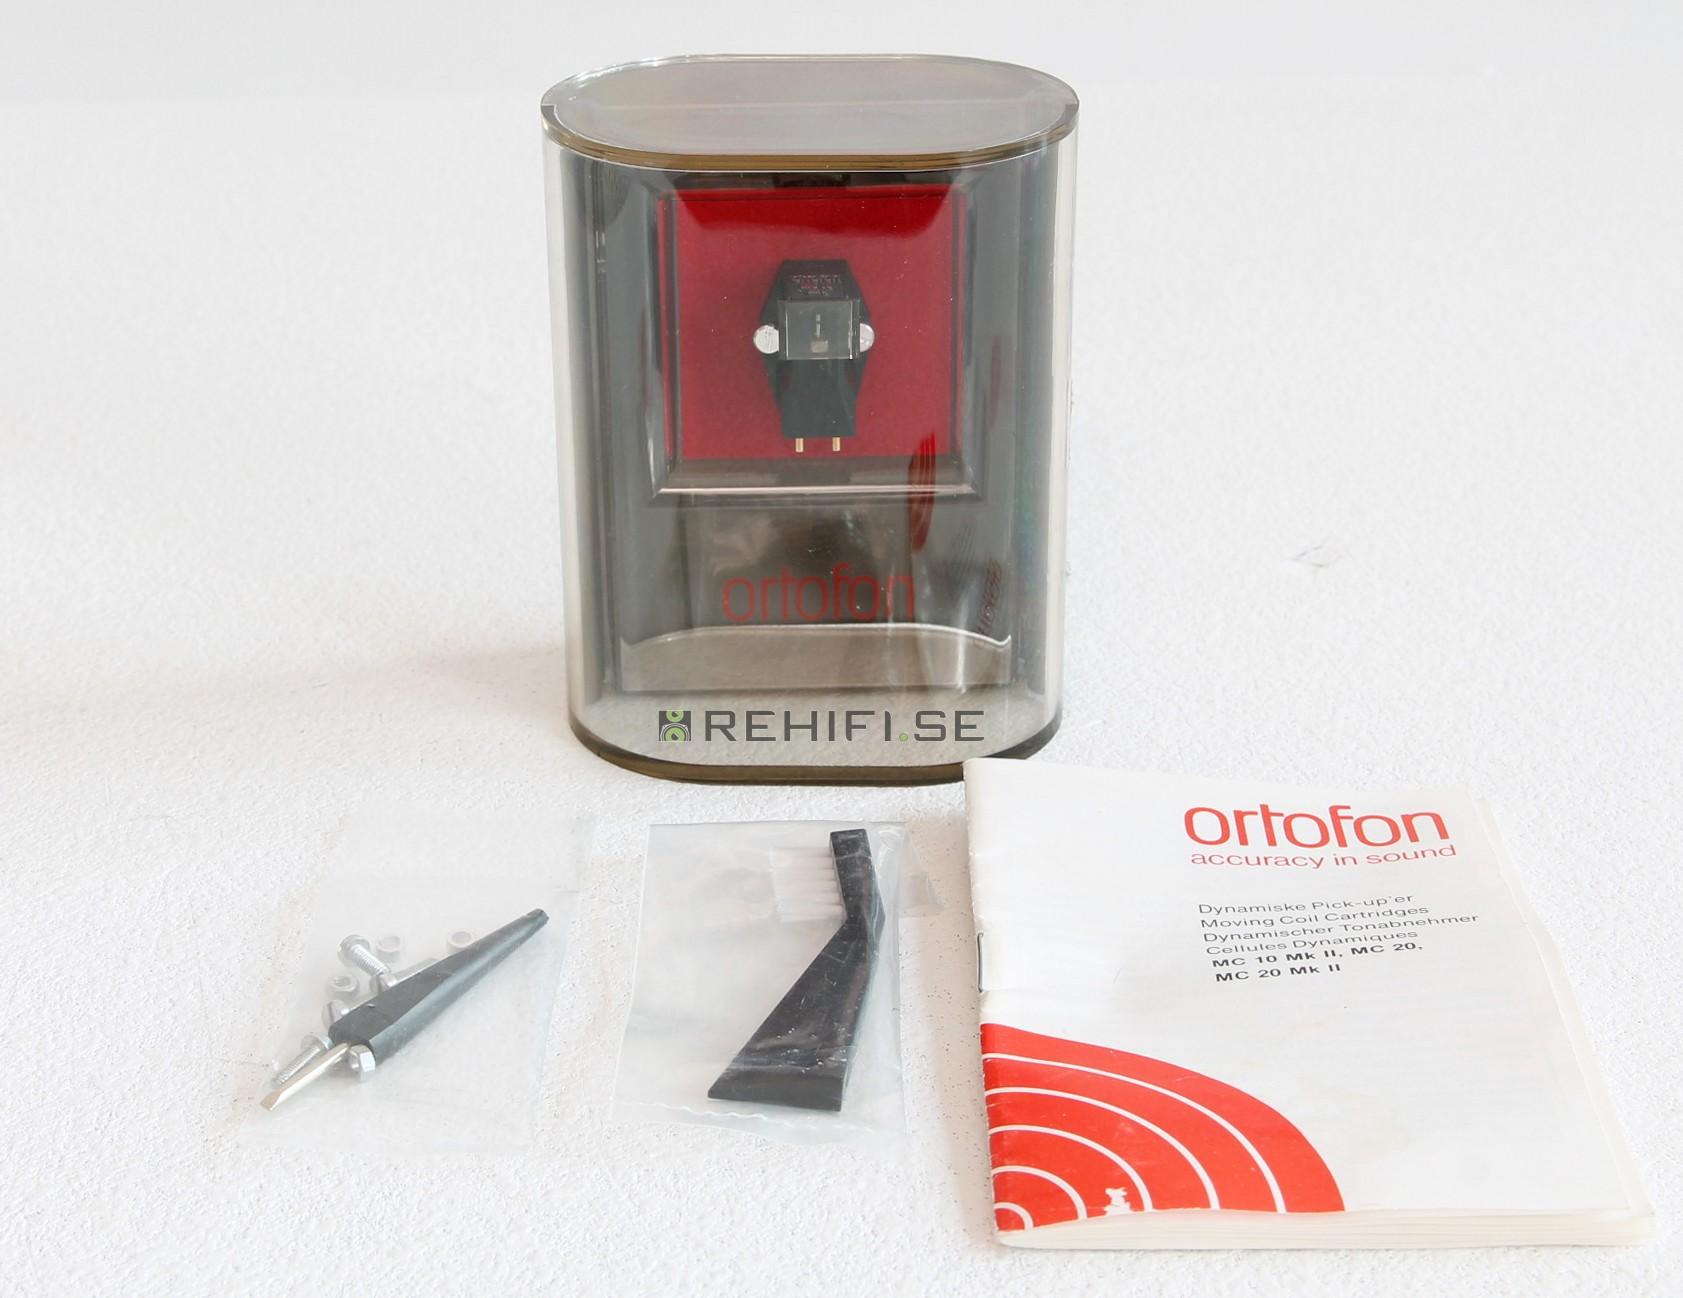 Ortofon MC10 Super Phono Cartridge Tonearm Turntable Part